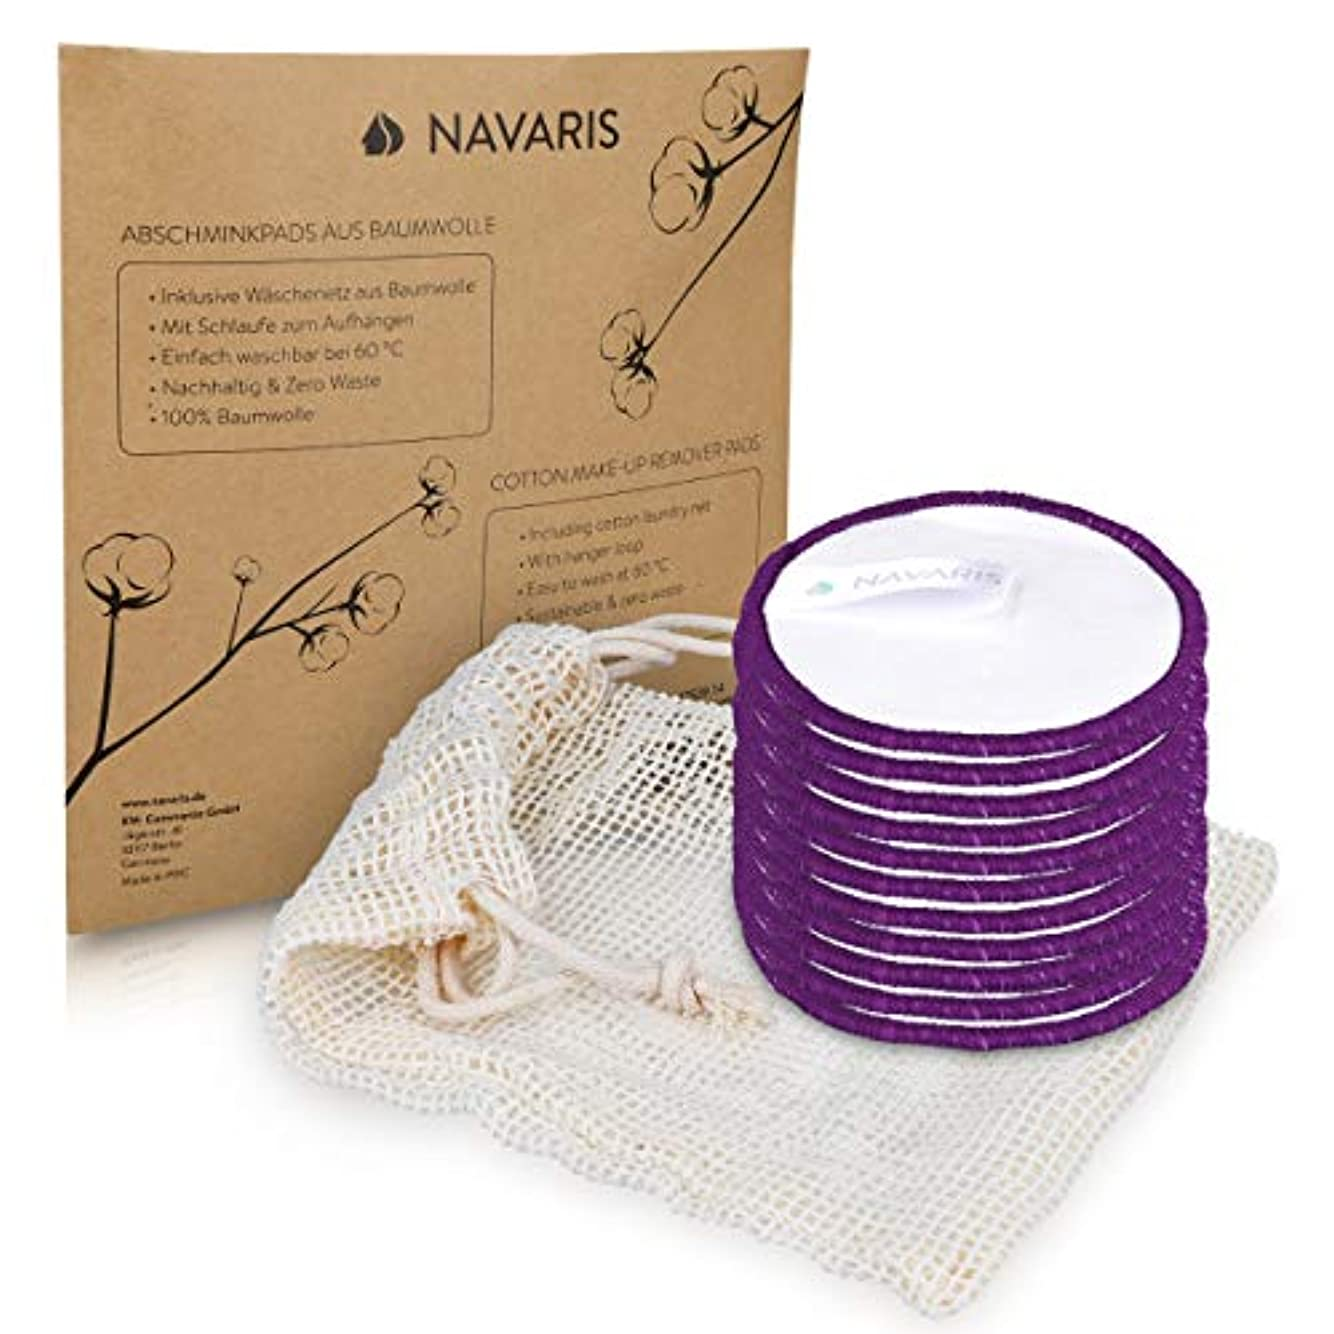 対称十分浸したNavaris メイク落とし パッド 14枚セット 再利用可 - コットン パッド 化粧落とし 拭き取り化粧水 肌に優しい - フェイシャルシート 洗濯ネット付き